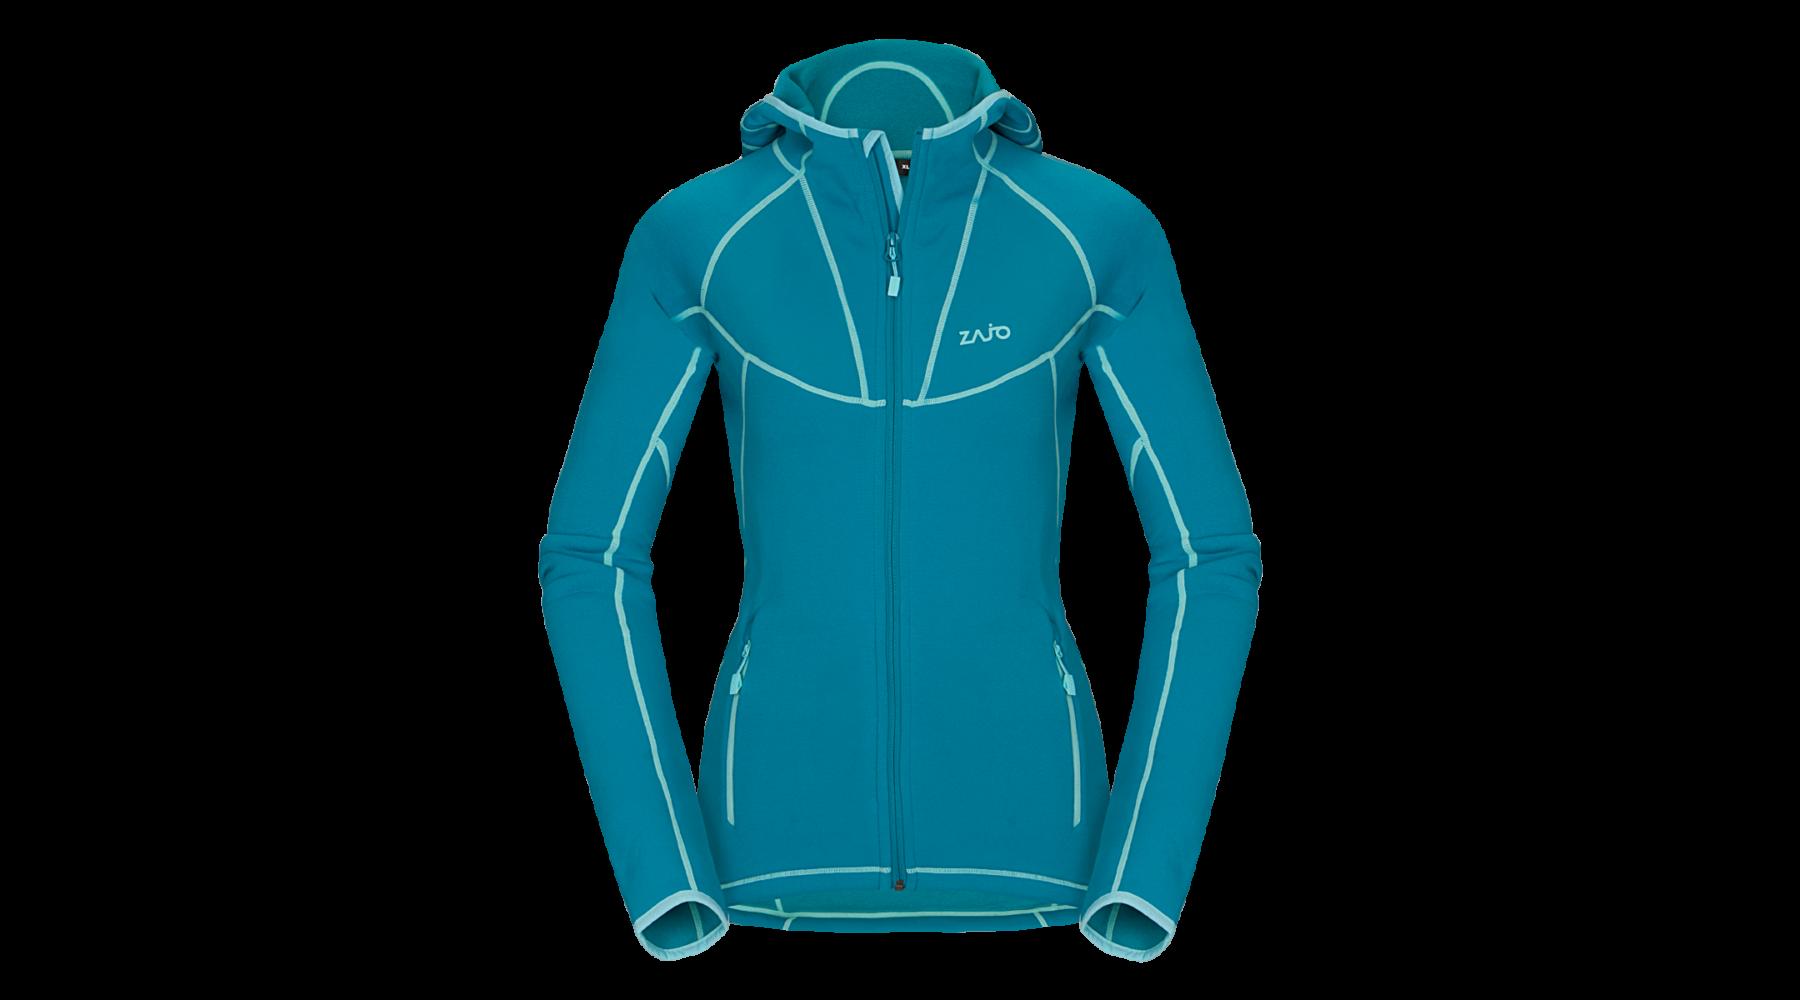 a1031adaab Zajo Cortina Neo W Jkt női pulóver, enamel blue - a-Wear Sport - Roller,  kerékpár, bukósisak, túraruházat